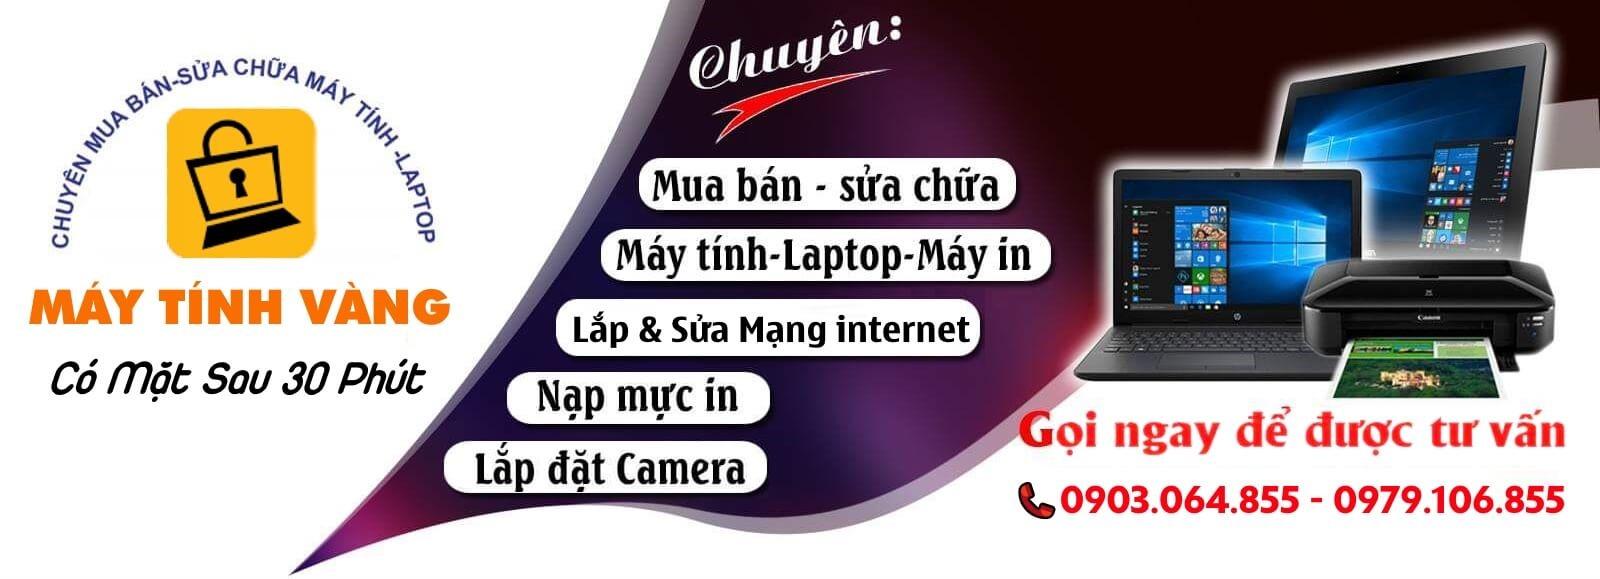 Máy Tính Vàng – Chuyên sửa laptop Quận Gò Vấp hàng đầu hiện nay.